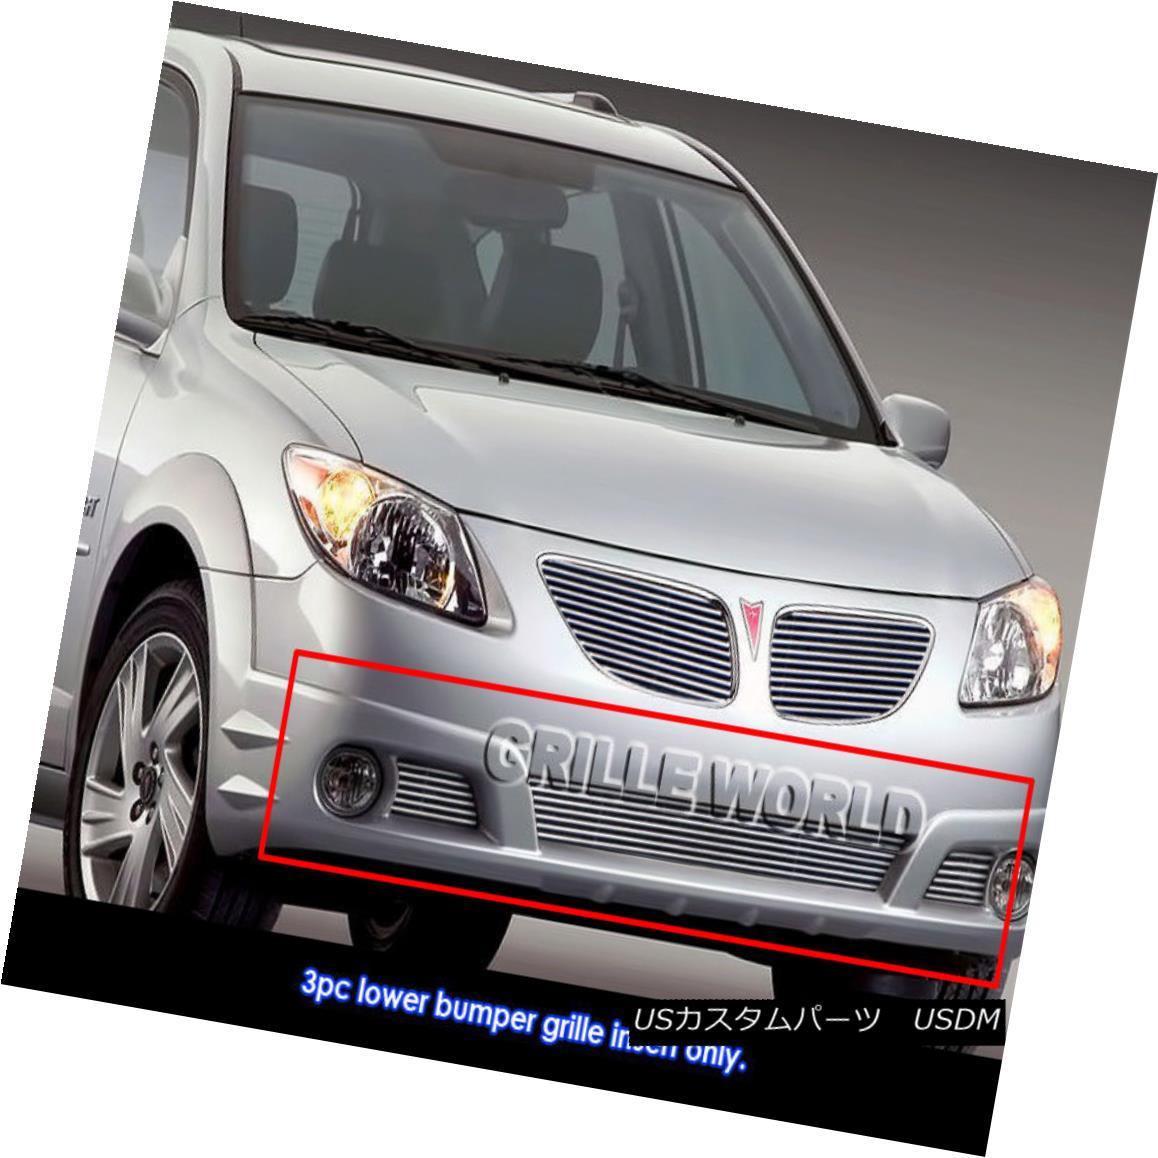 グリル For 05-08 Pontiac Vibe Bumper Billet Grille Insert 05-08ポンティアックバイブバンパービレットグリルインサート